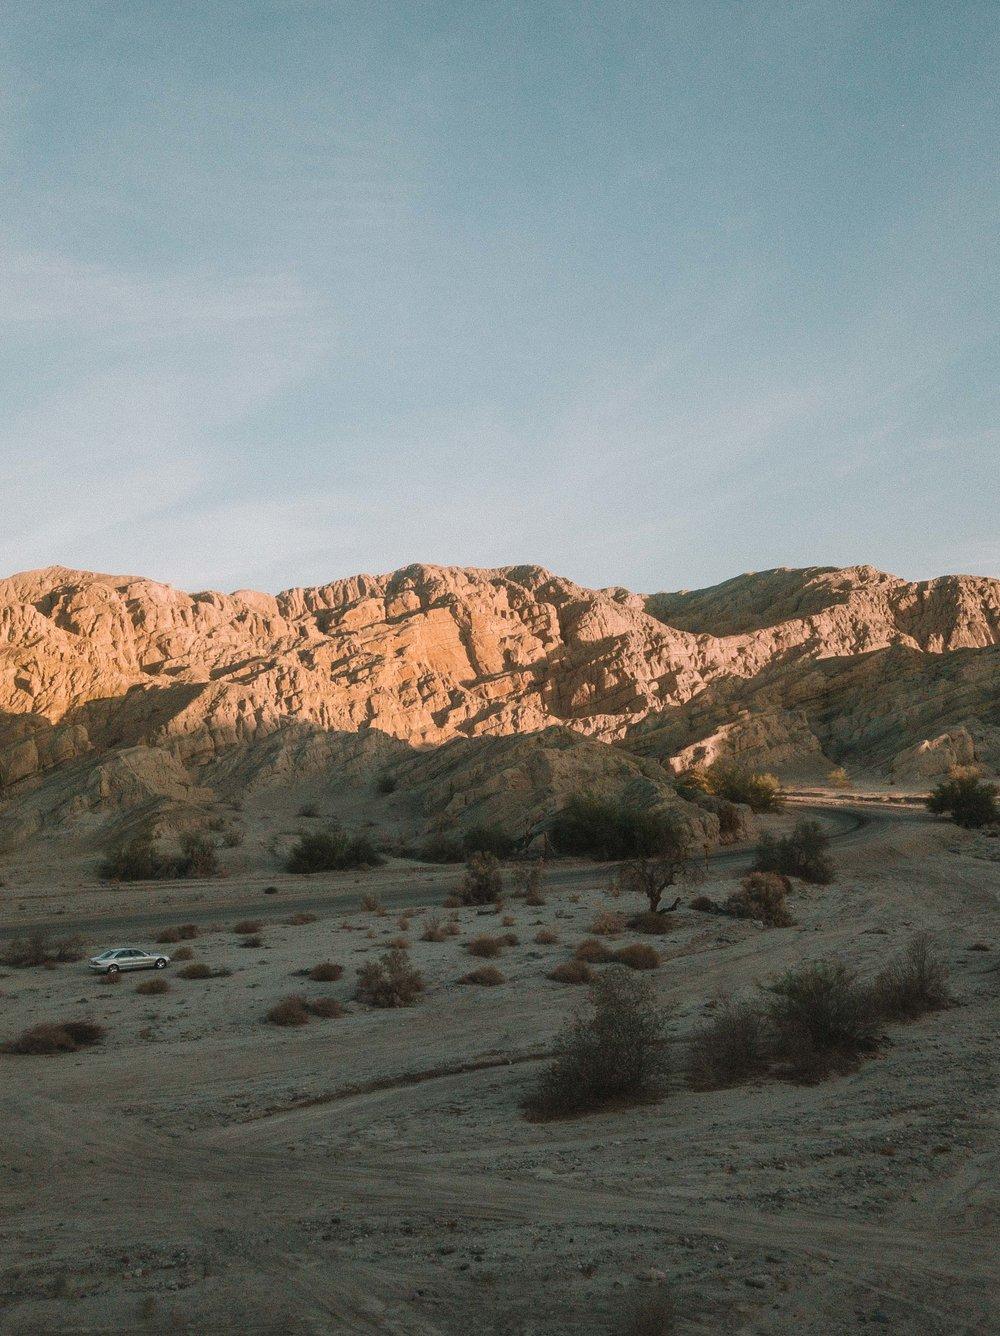 JOSHUA_TREE_NATIONAL_PARK_CALIFORNIA